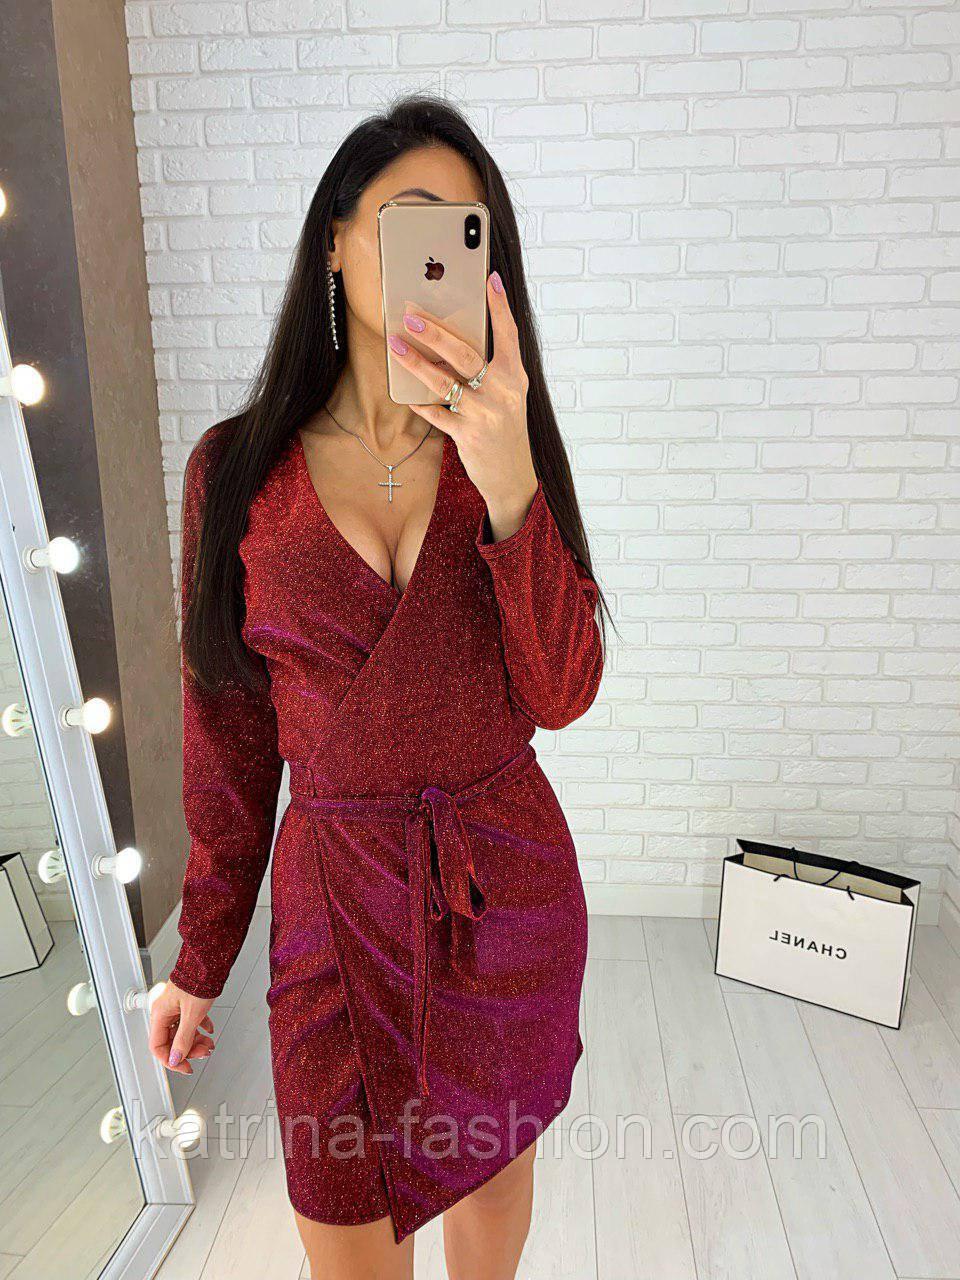 Женское платье из мерцающего люрекса ( 2 цвета)